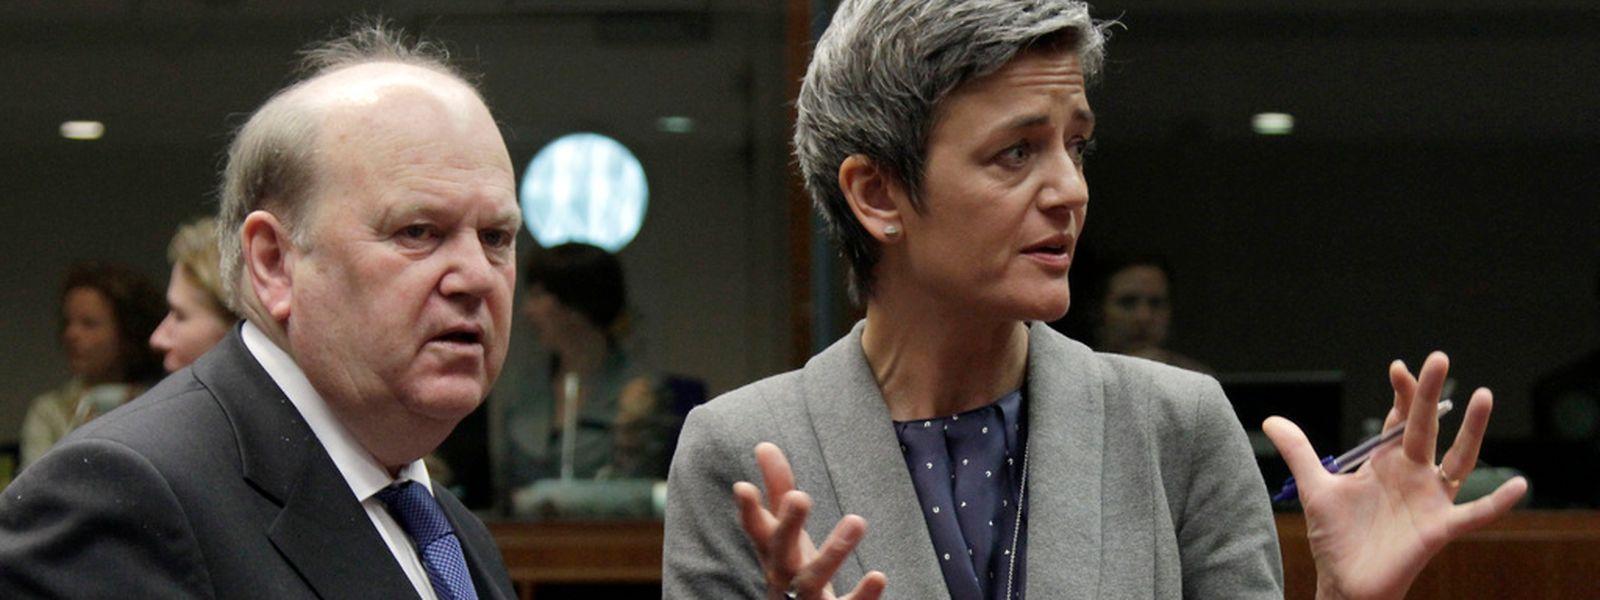 Die dänische EU-Wettbewerbskommissärin Margrethe Vestager drückt bei den Ermittlungsverfahren gegen Luxemburg und anderen Staaten aufs Tempo.